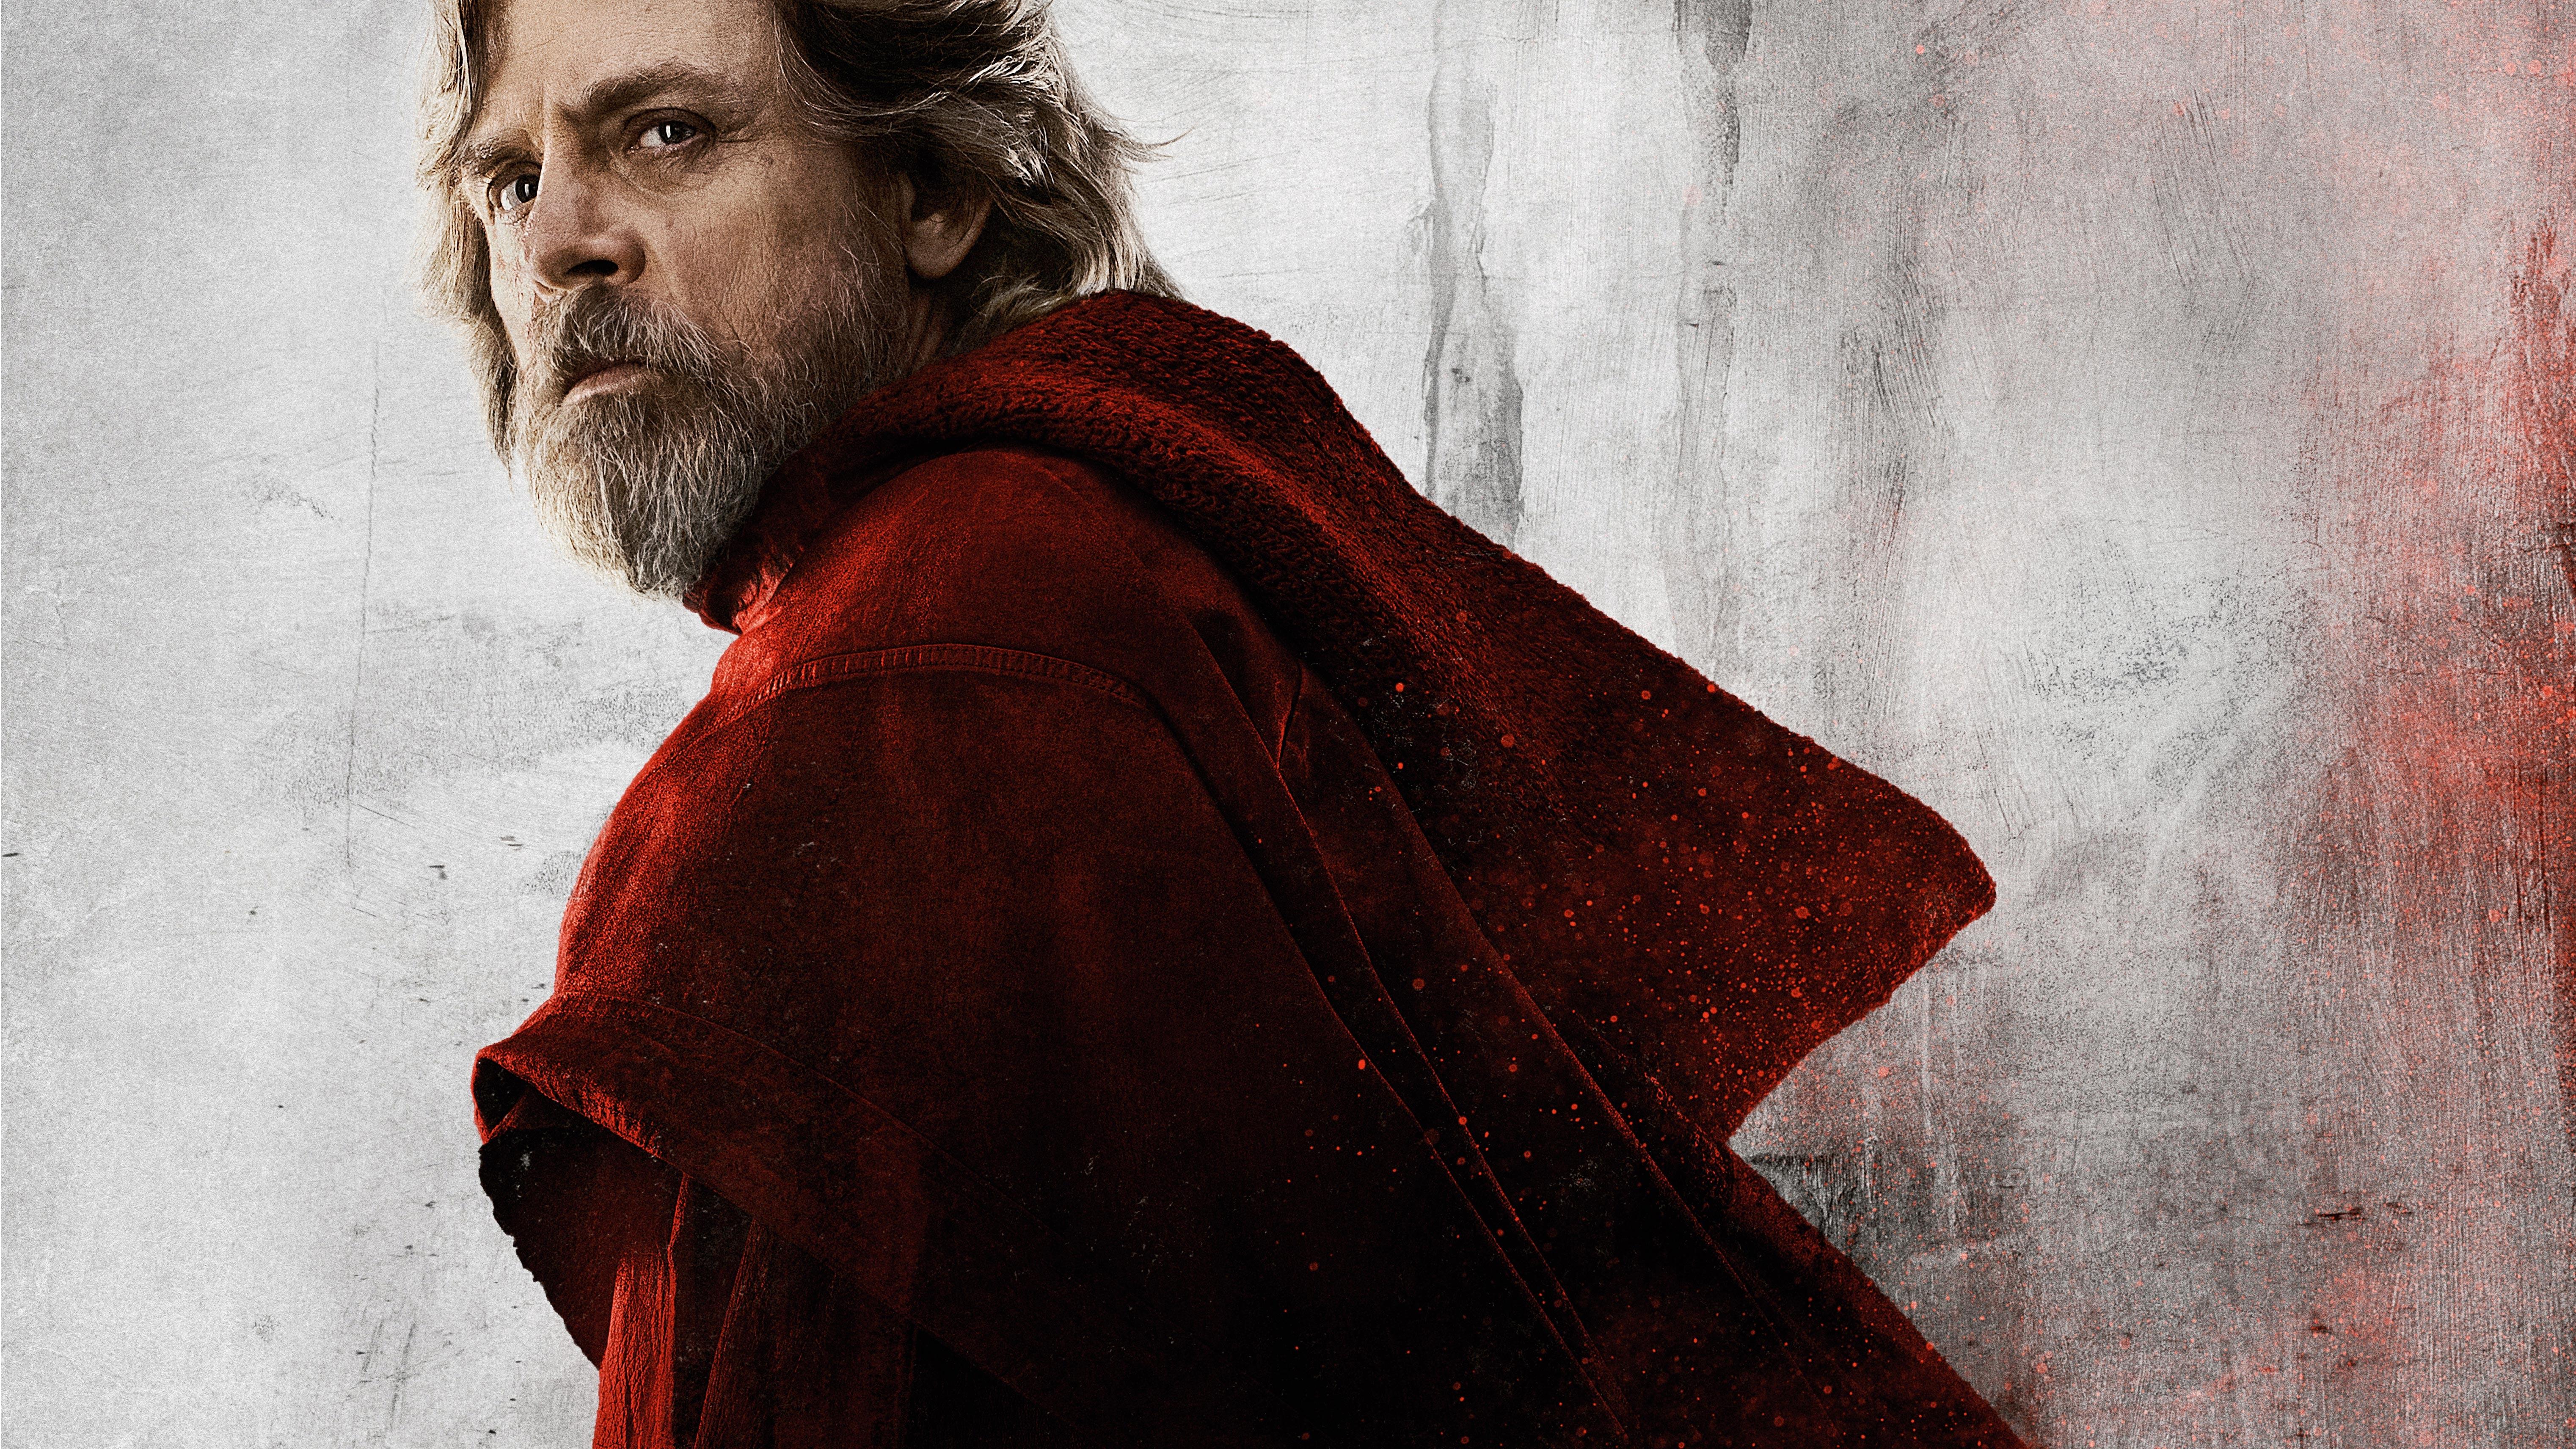 Luke Skywalker Star Wars The Last Jedi Wallpaper Hd Movies 4k